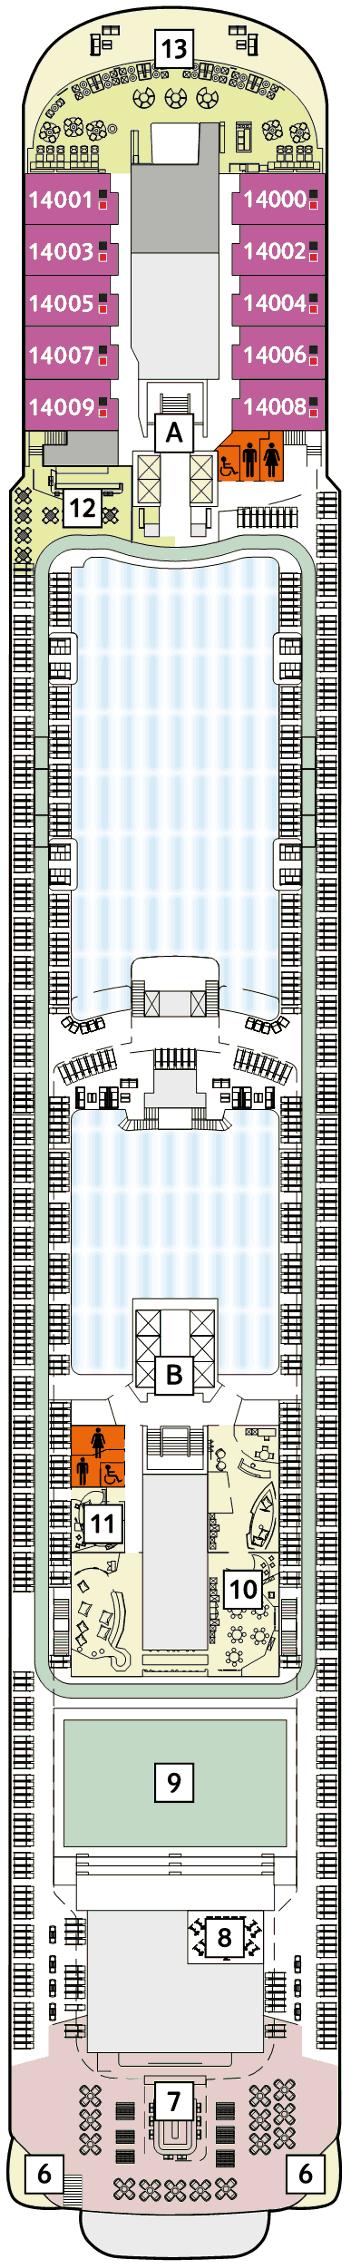 Mein Schiff 4 - Horizont